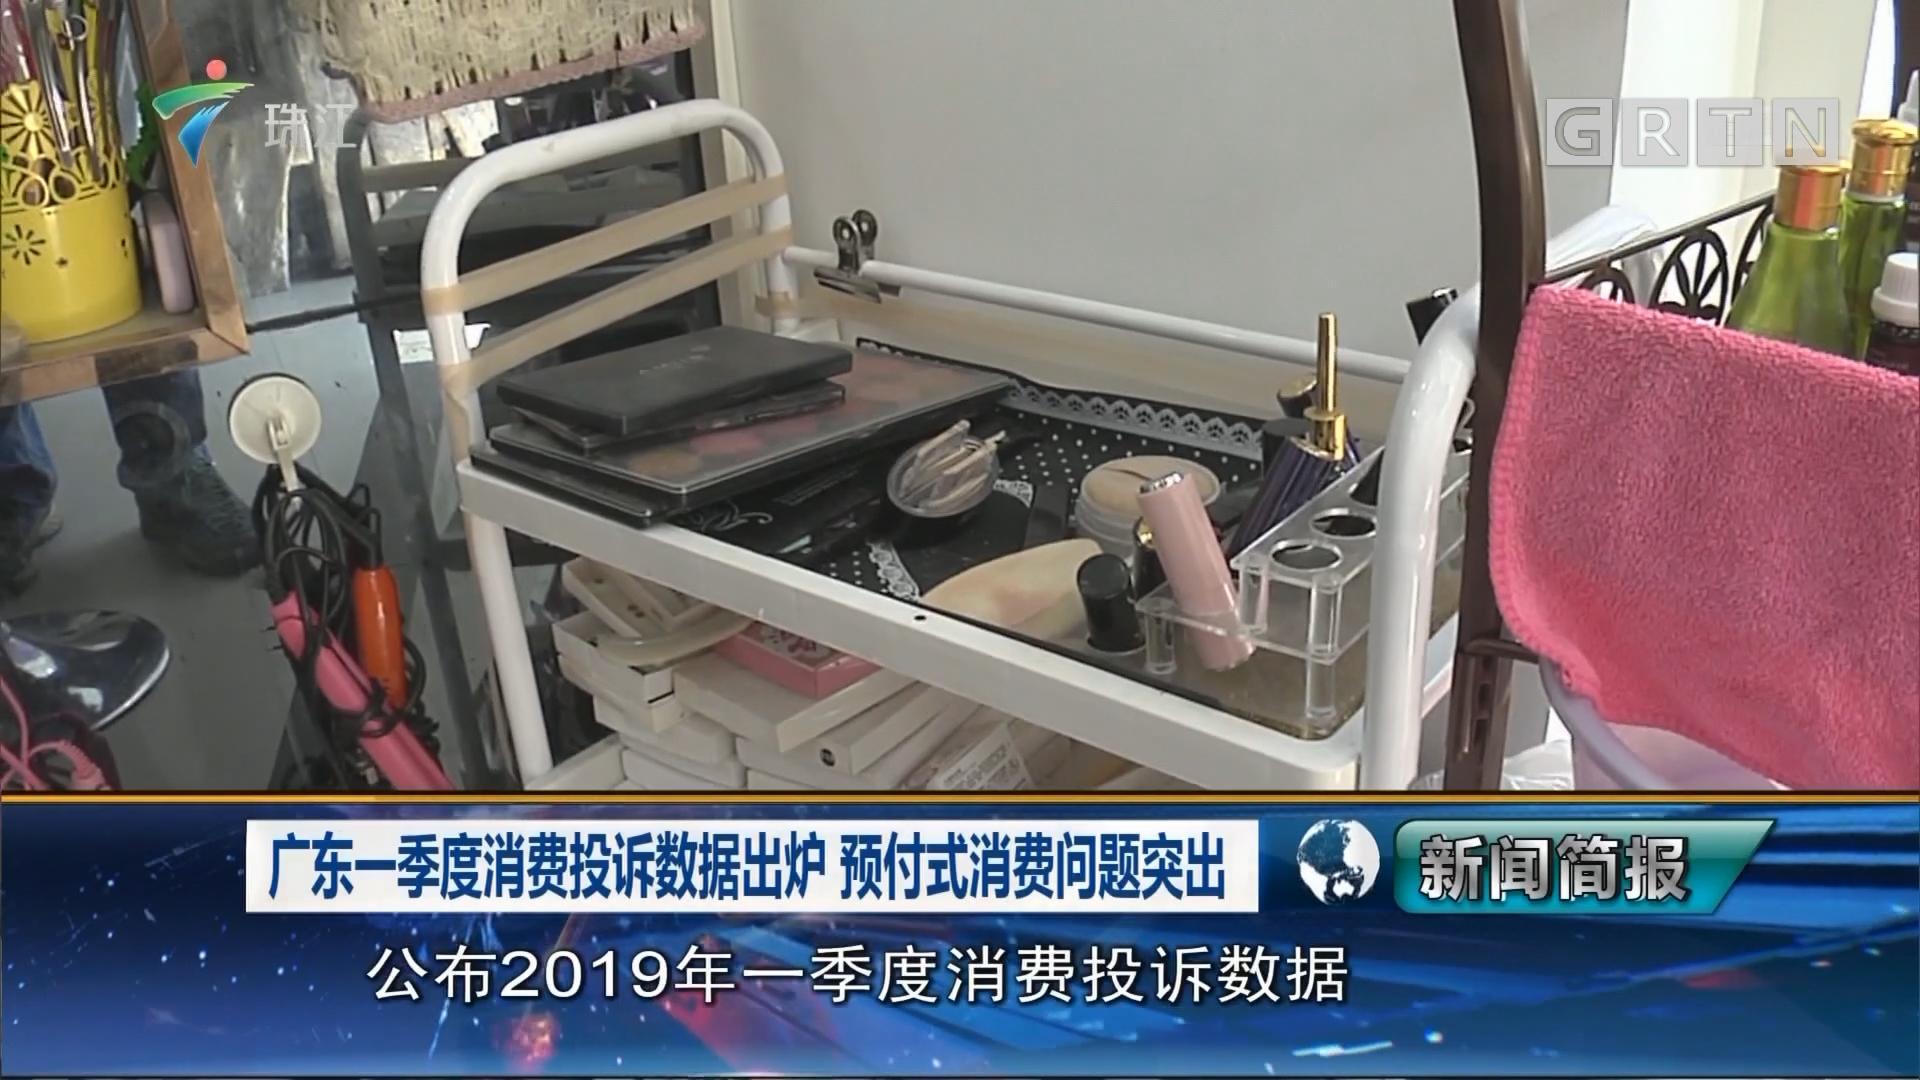 广东一季度消费投诉数据出炉 预付式消费问题突出